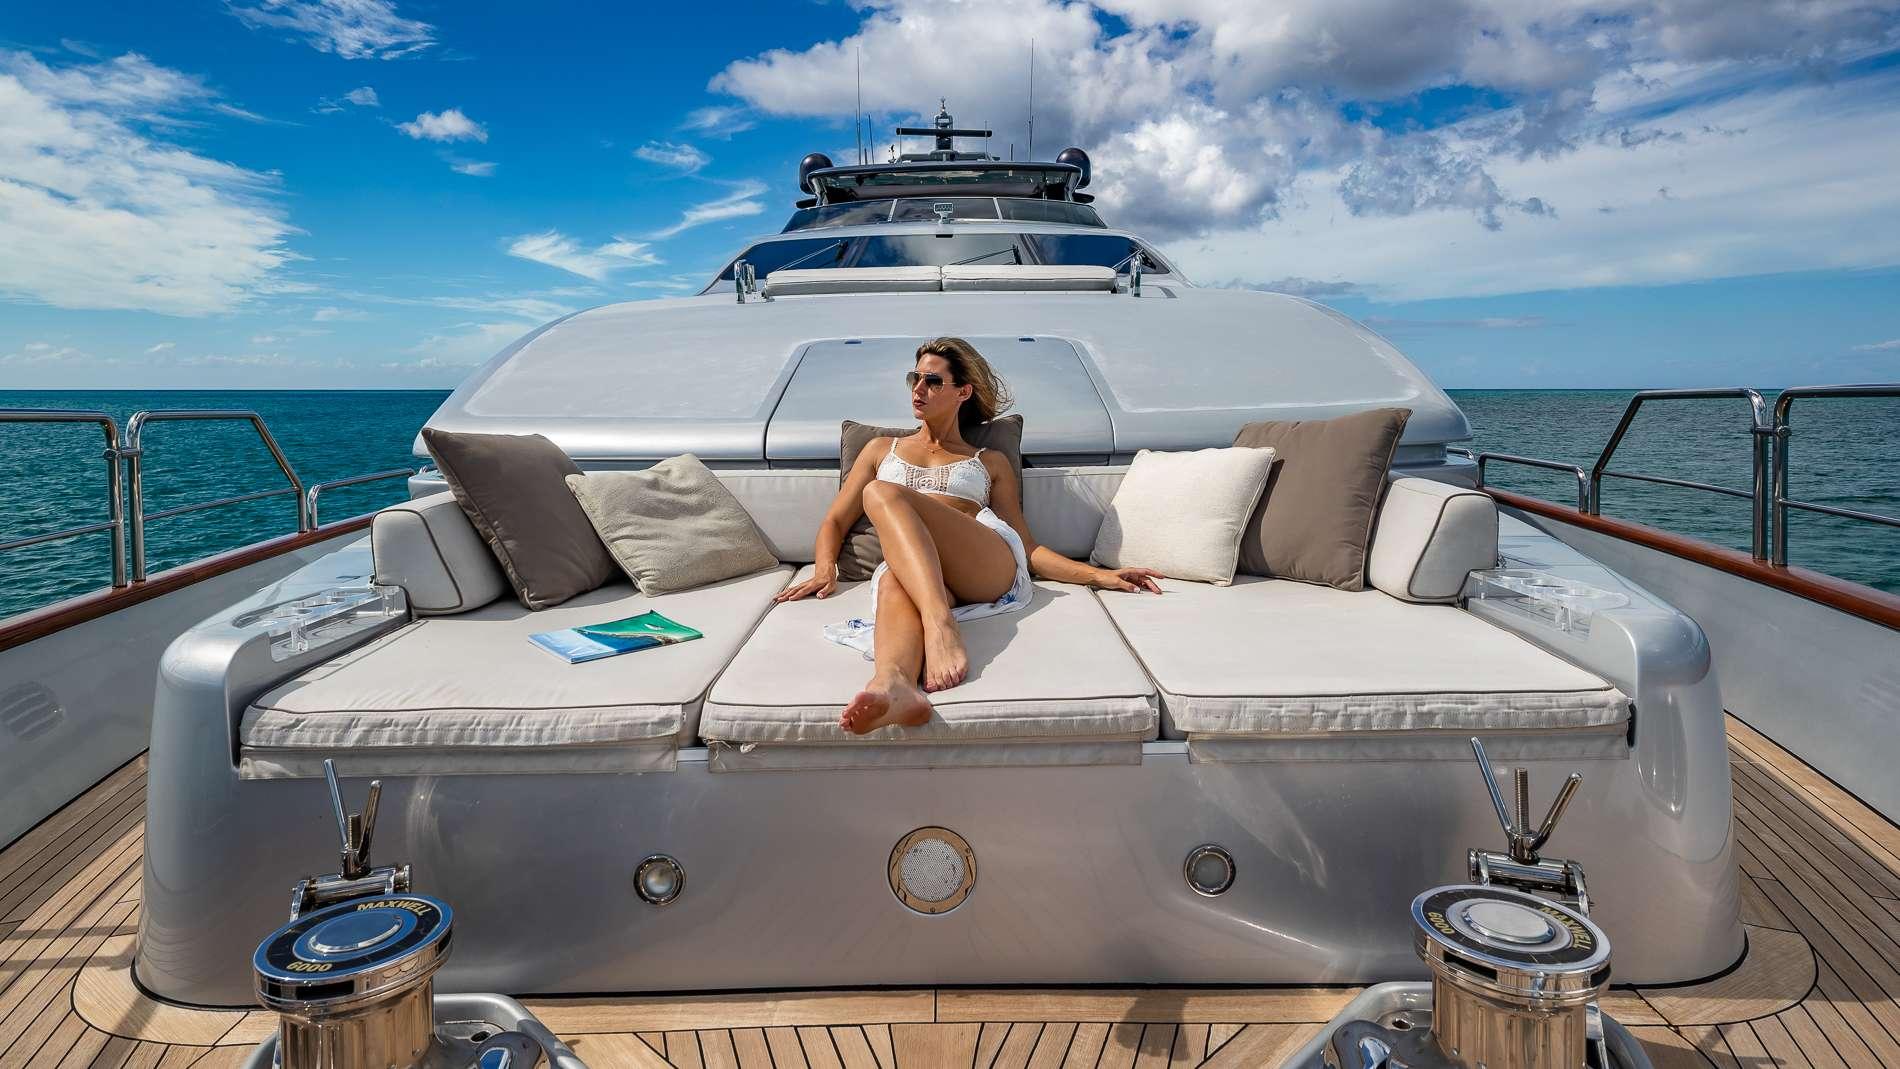 Motor Yacht 'TAIL LIGHTS' Guest en suite w/ shower, 12 PAX, 6 Crew, 116.00 Ft, 35.00 Meters, Built 2011, Azimut, Refit Year 2016